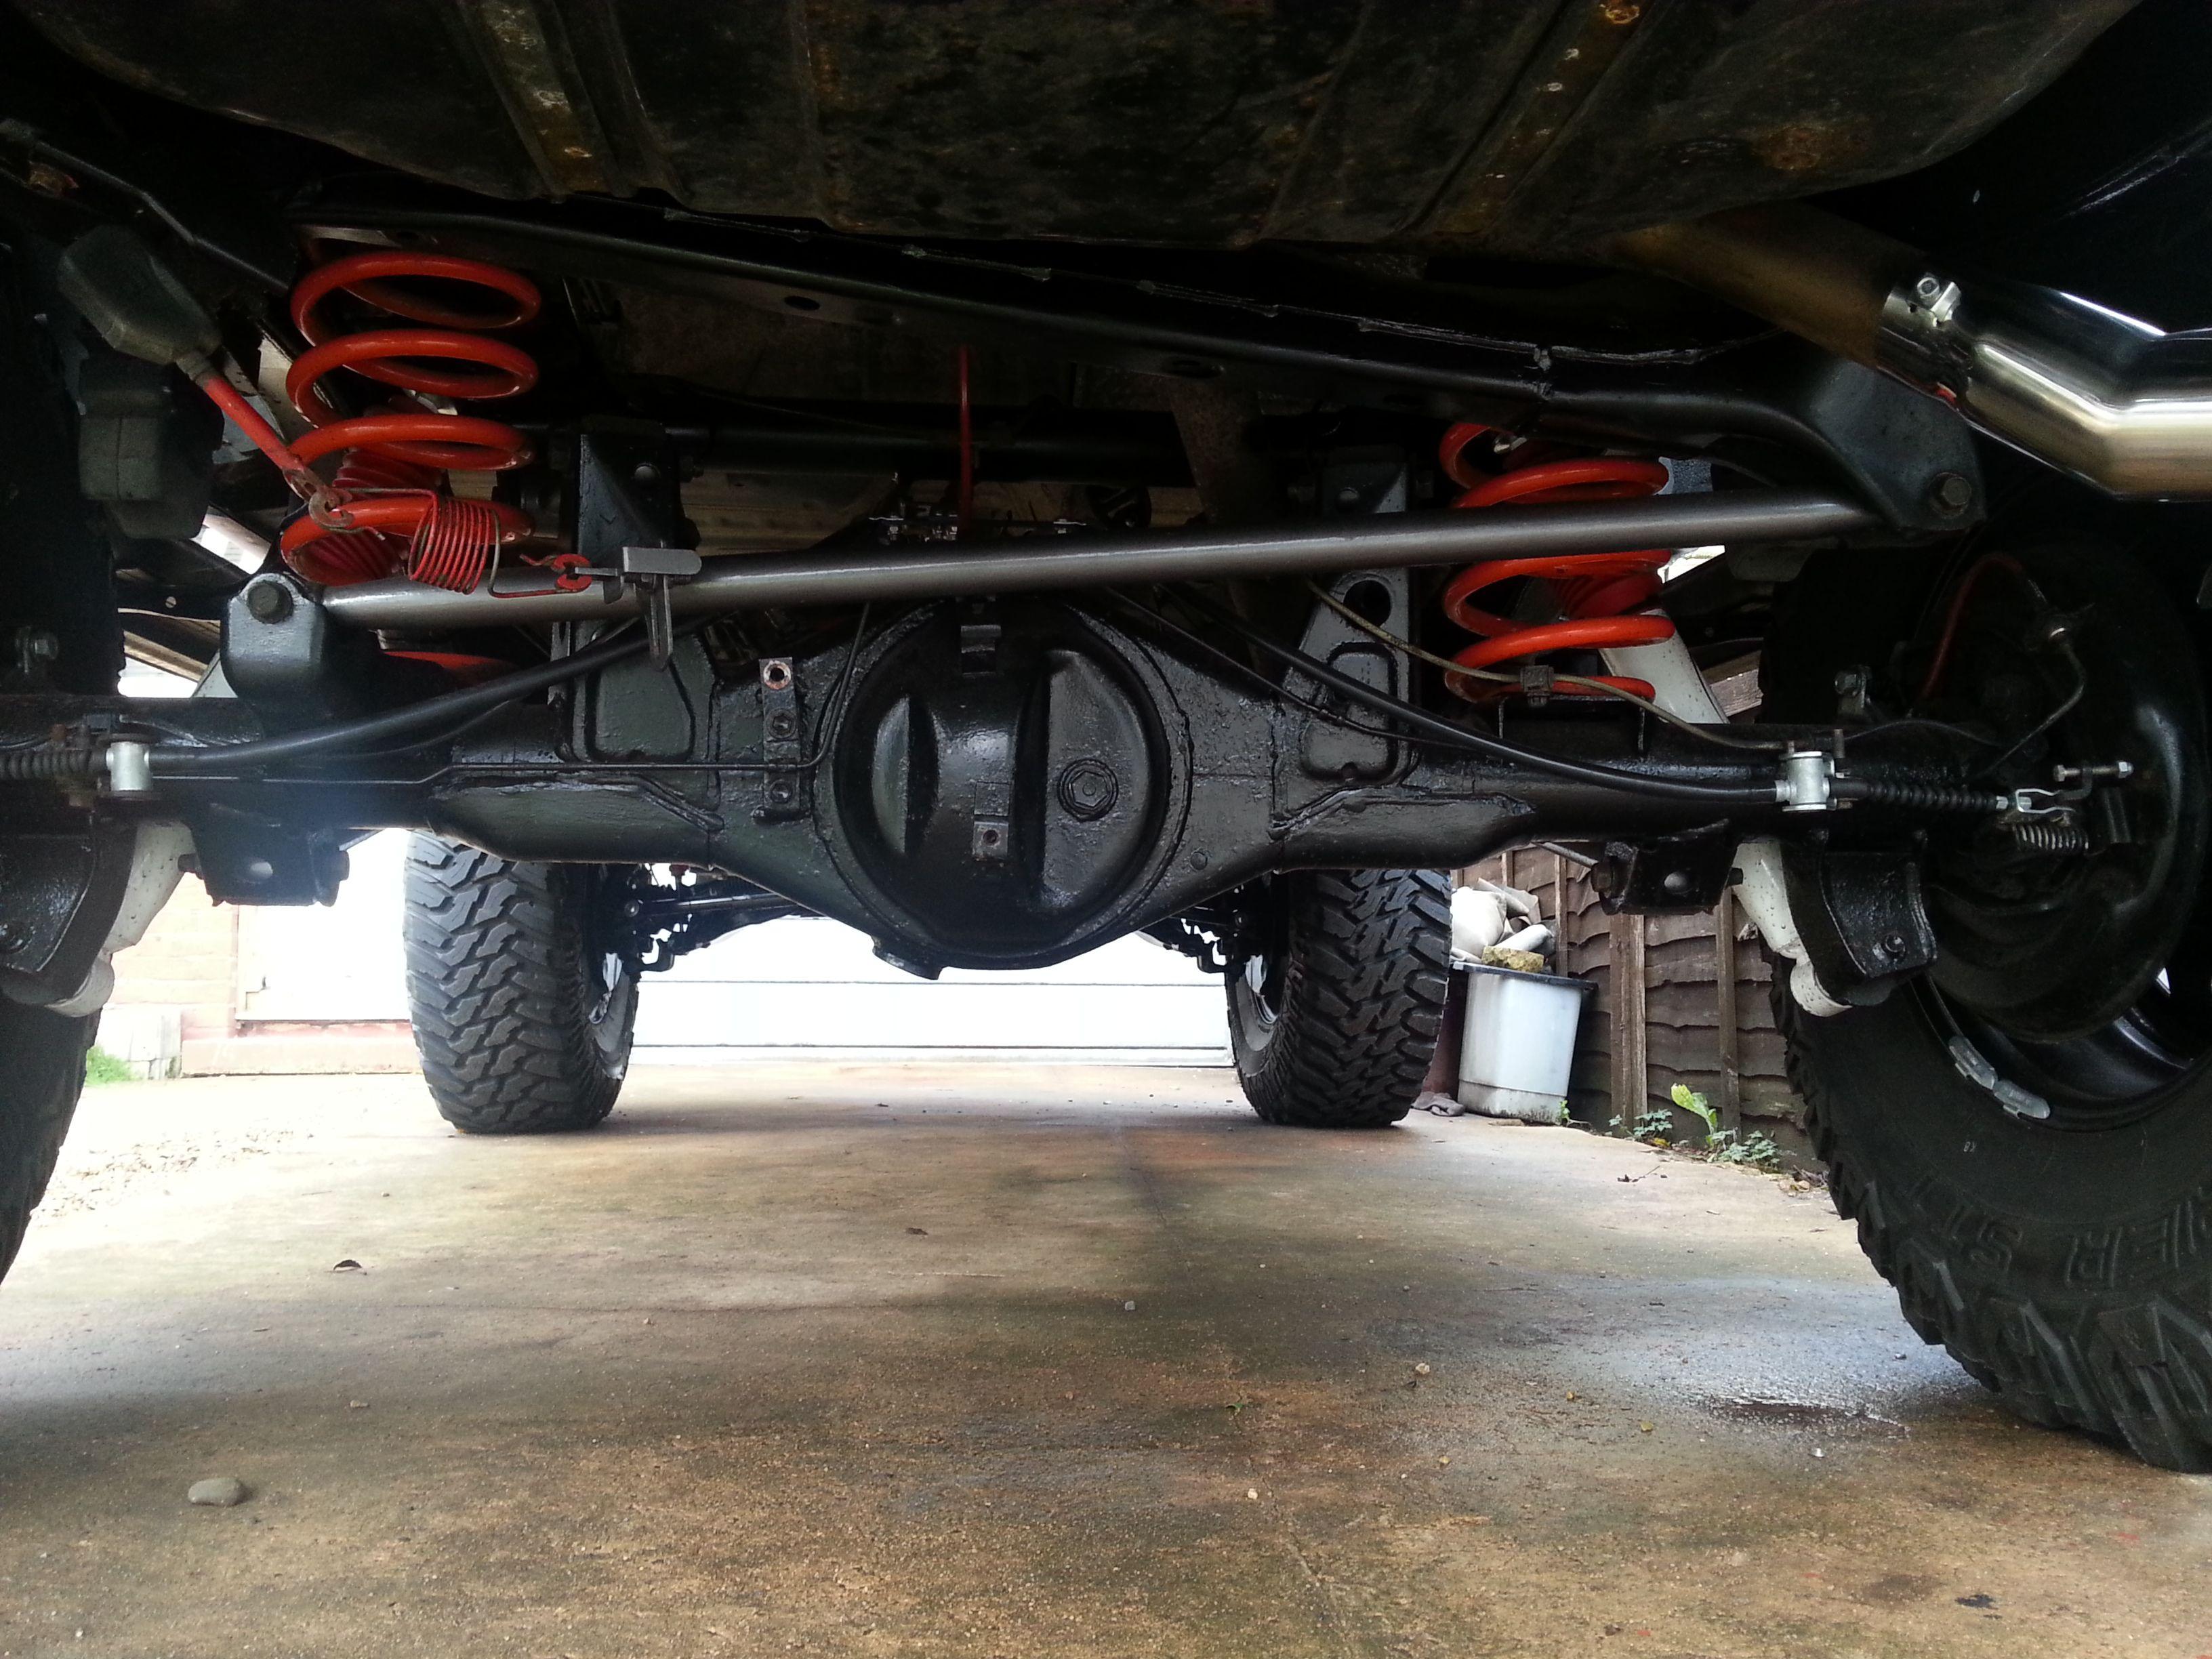 Custom Landcruiser Colorado Prado 95 Twin Cable Handbrake You Can See Seperate Cables Going To Each Of The Rear Wheels Making E Toyota Lc Prado Land Cruiser